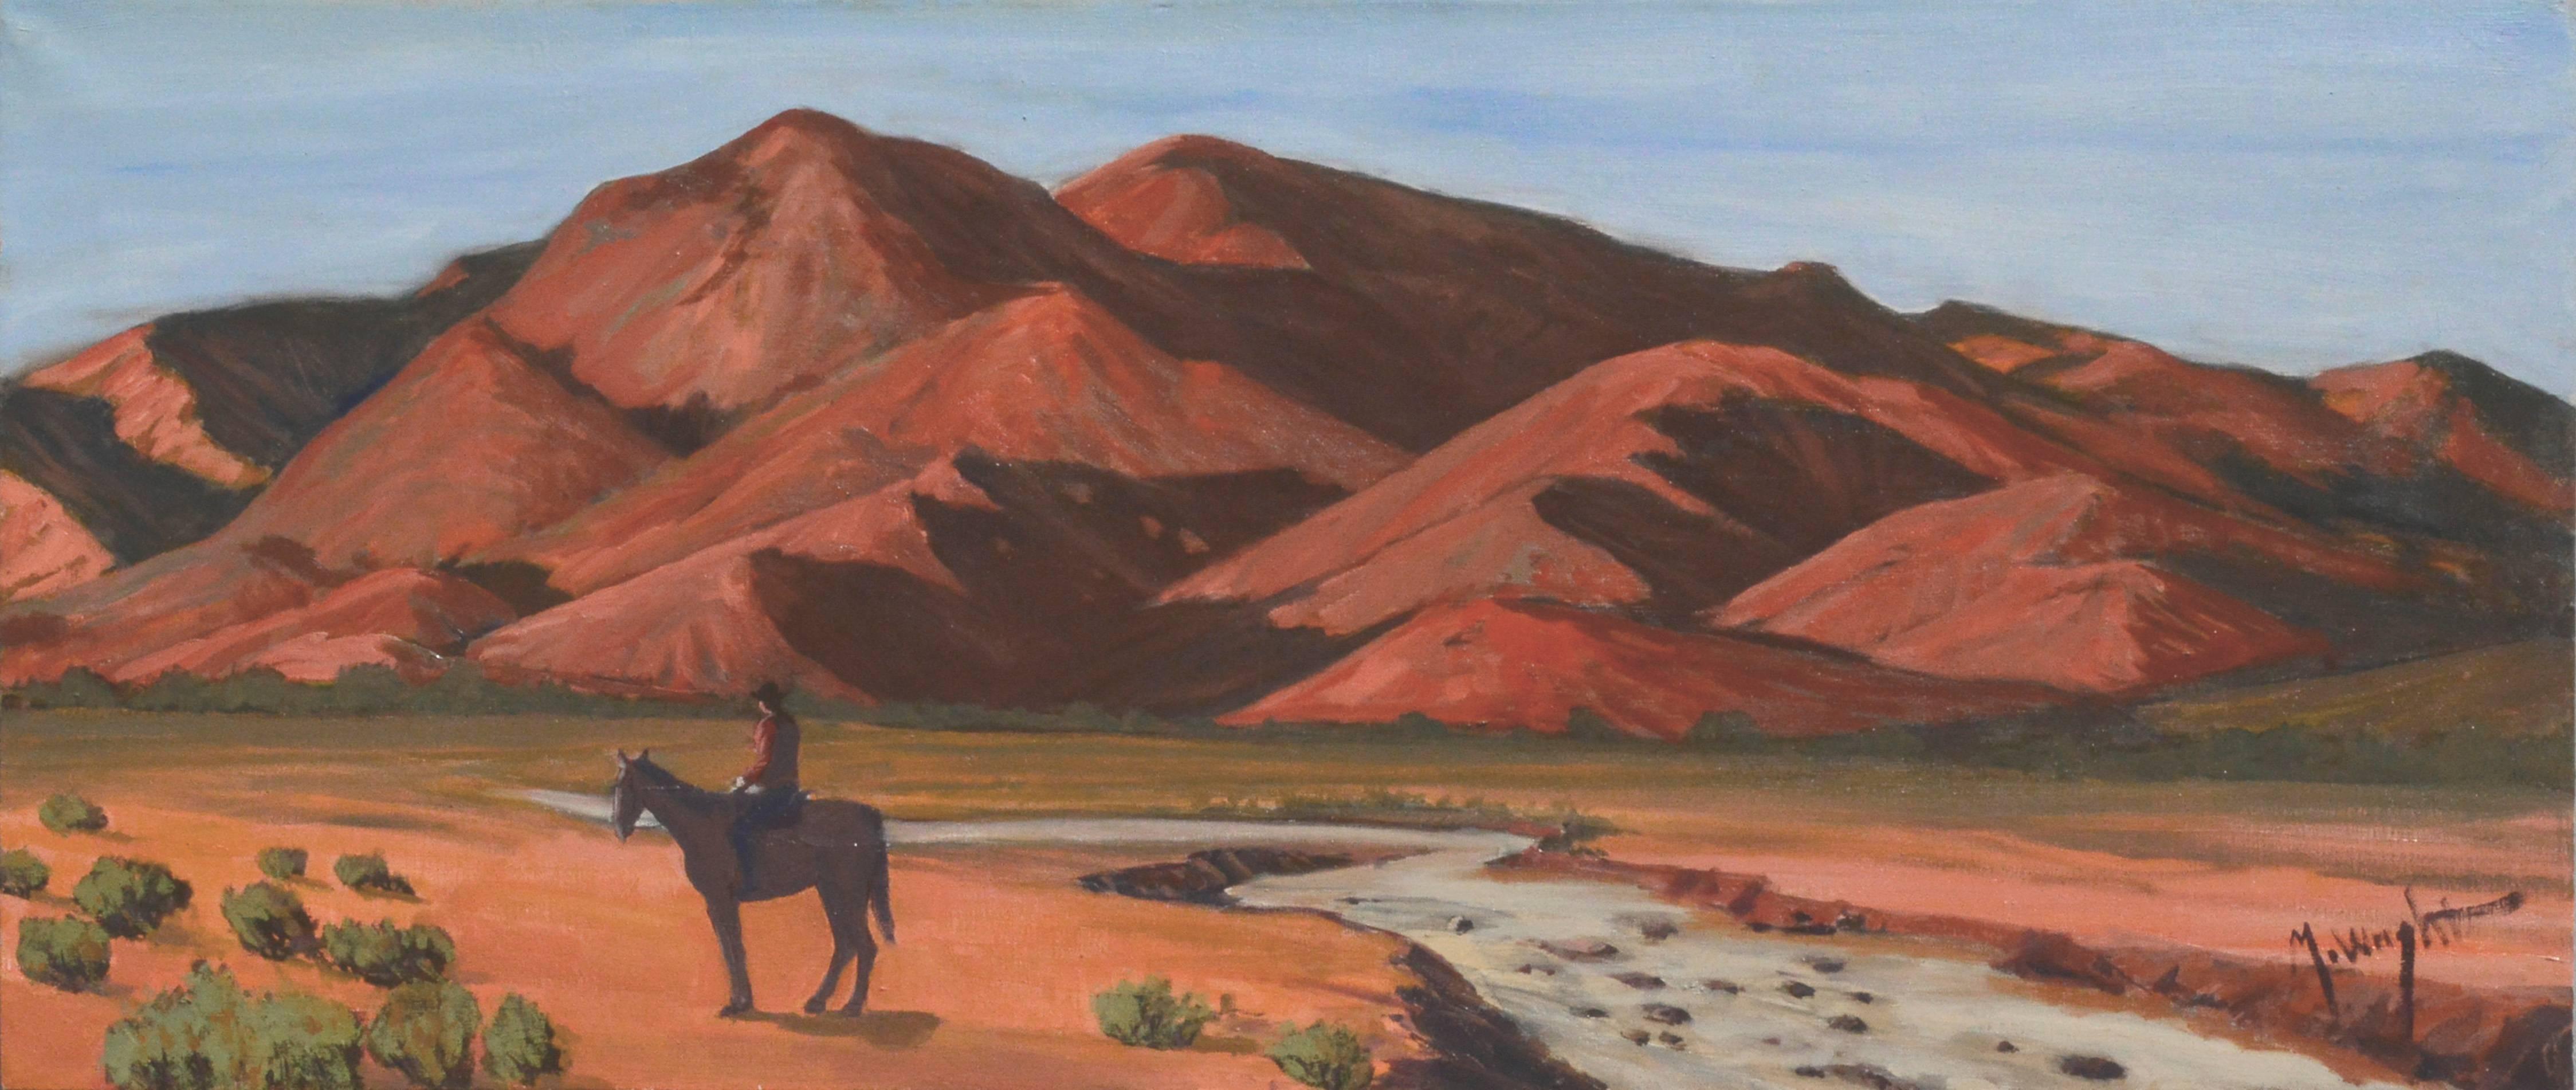 Man on Horse in Desert